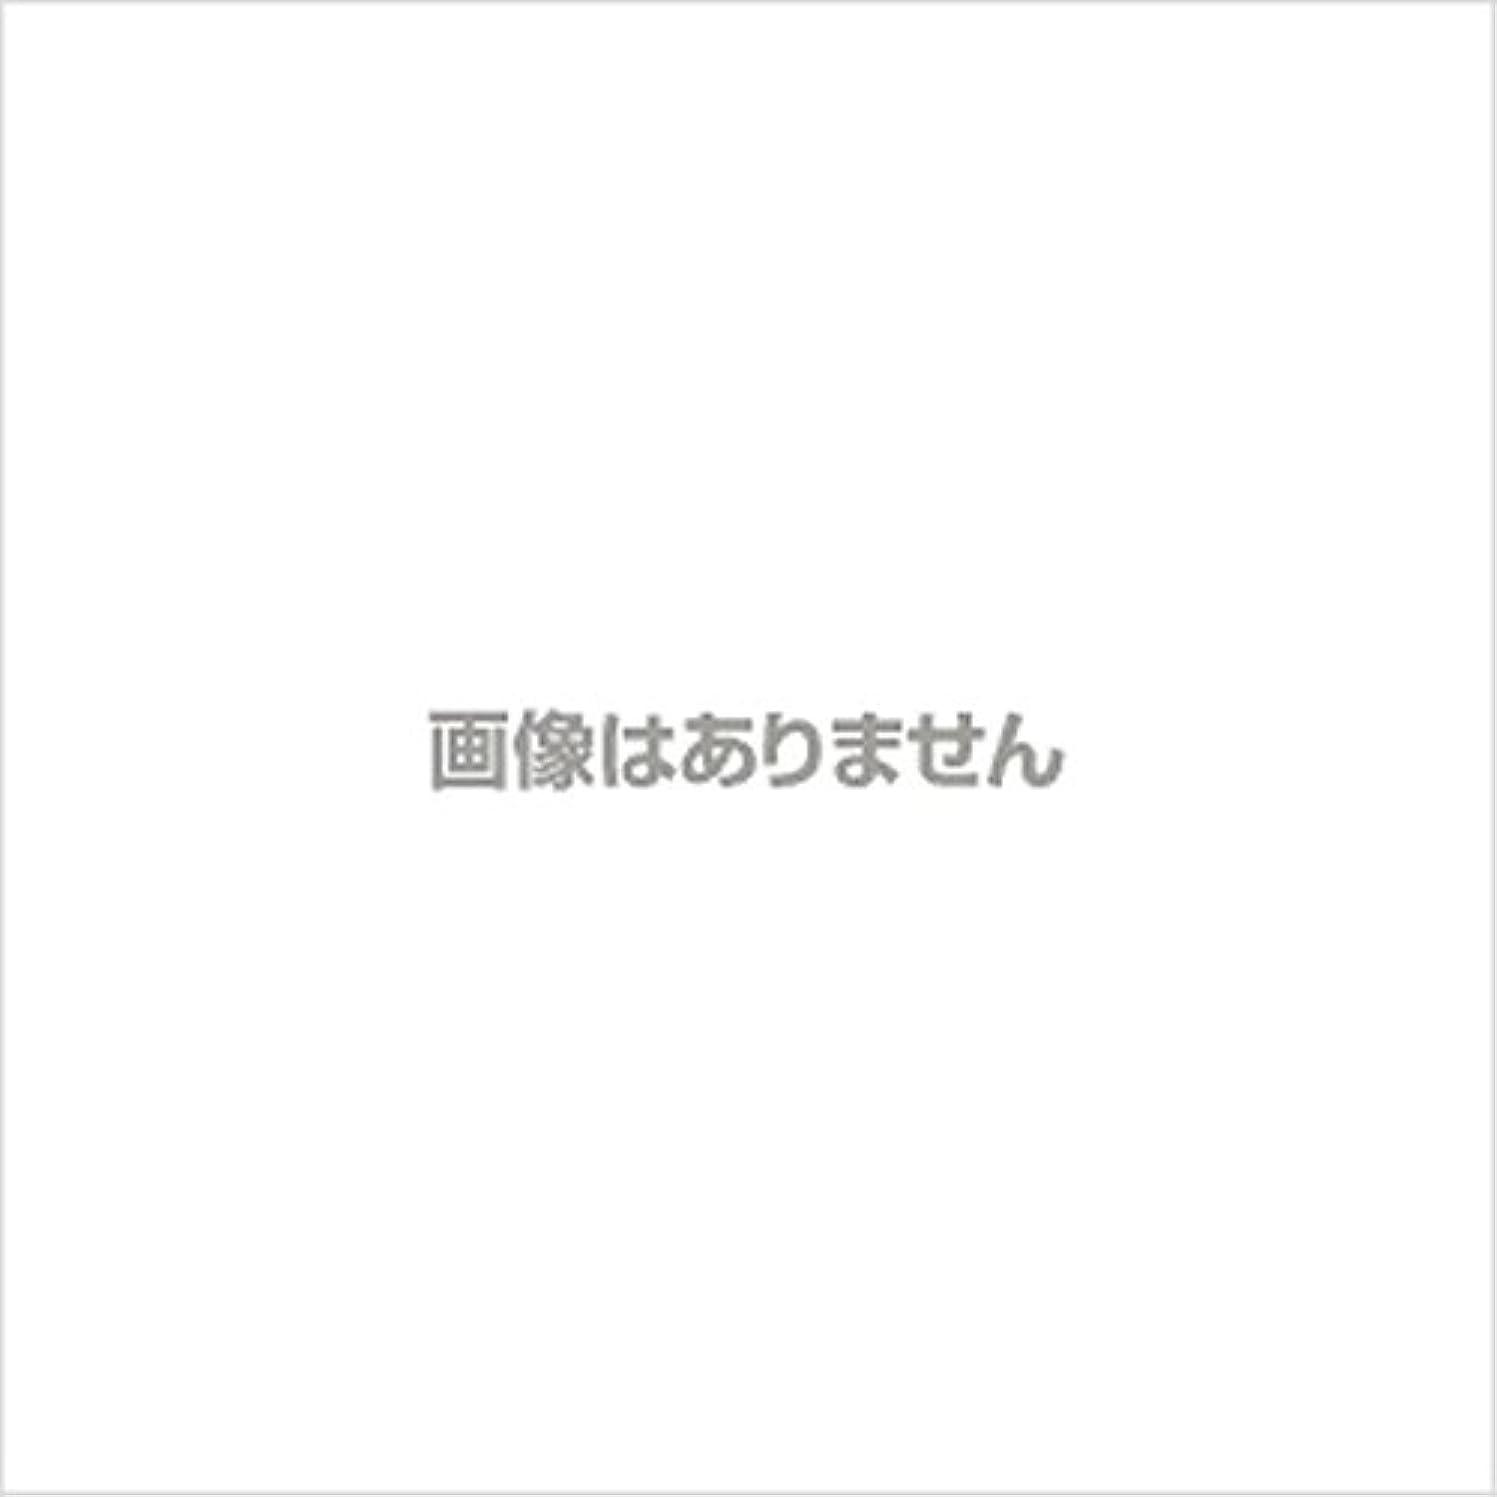 アクティブ挨拶違反【新発売】EBUKEA エブケアNO1004 プラスチックグローブ(パウダーフリー?粉なし)Sサイズ 100枚入(極薄?半透明)